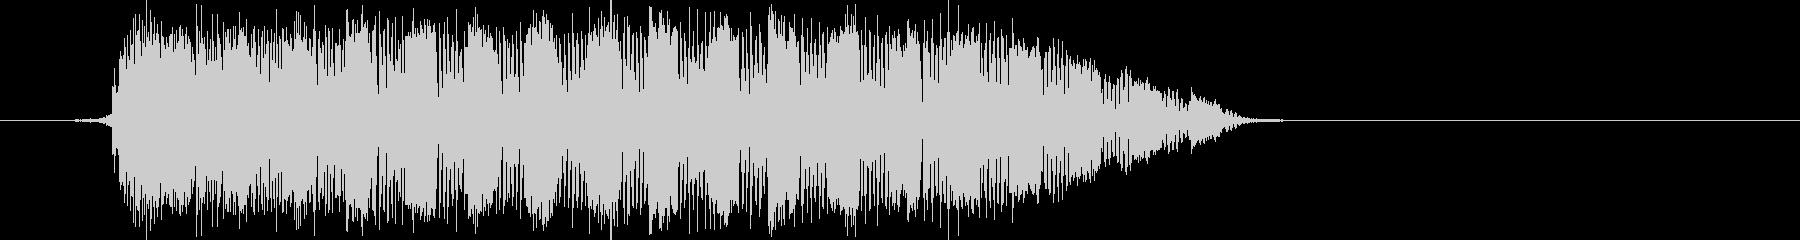 AMGアナログFX 36の未再生の波形